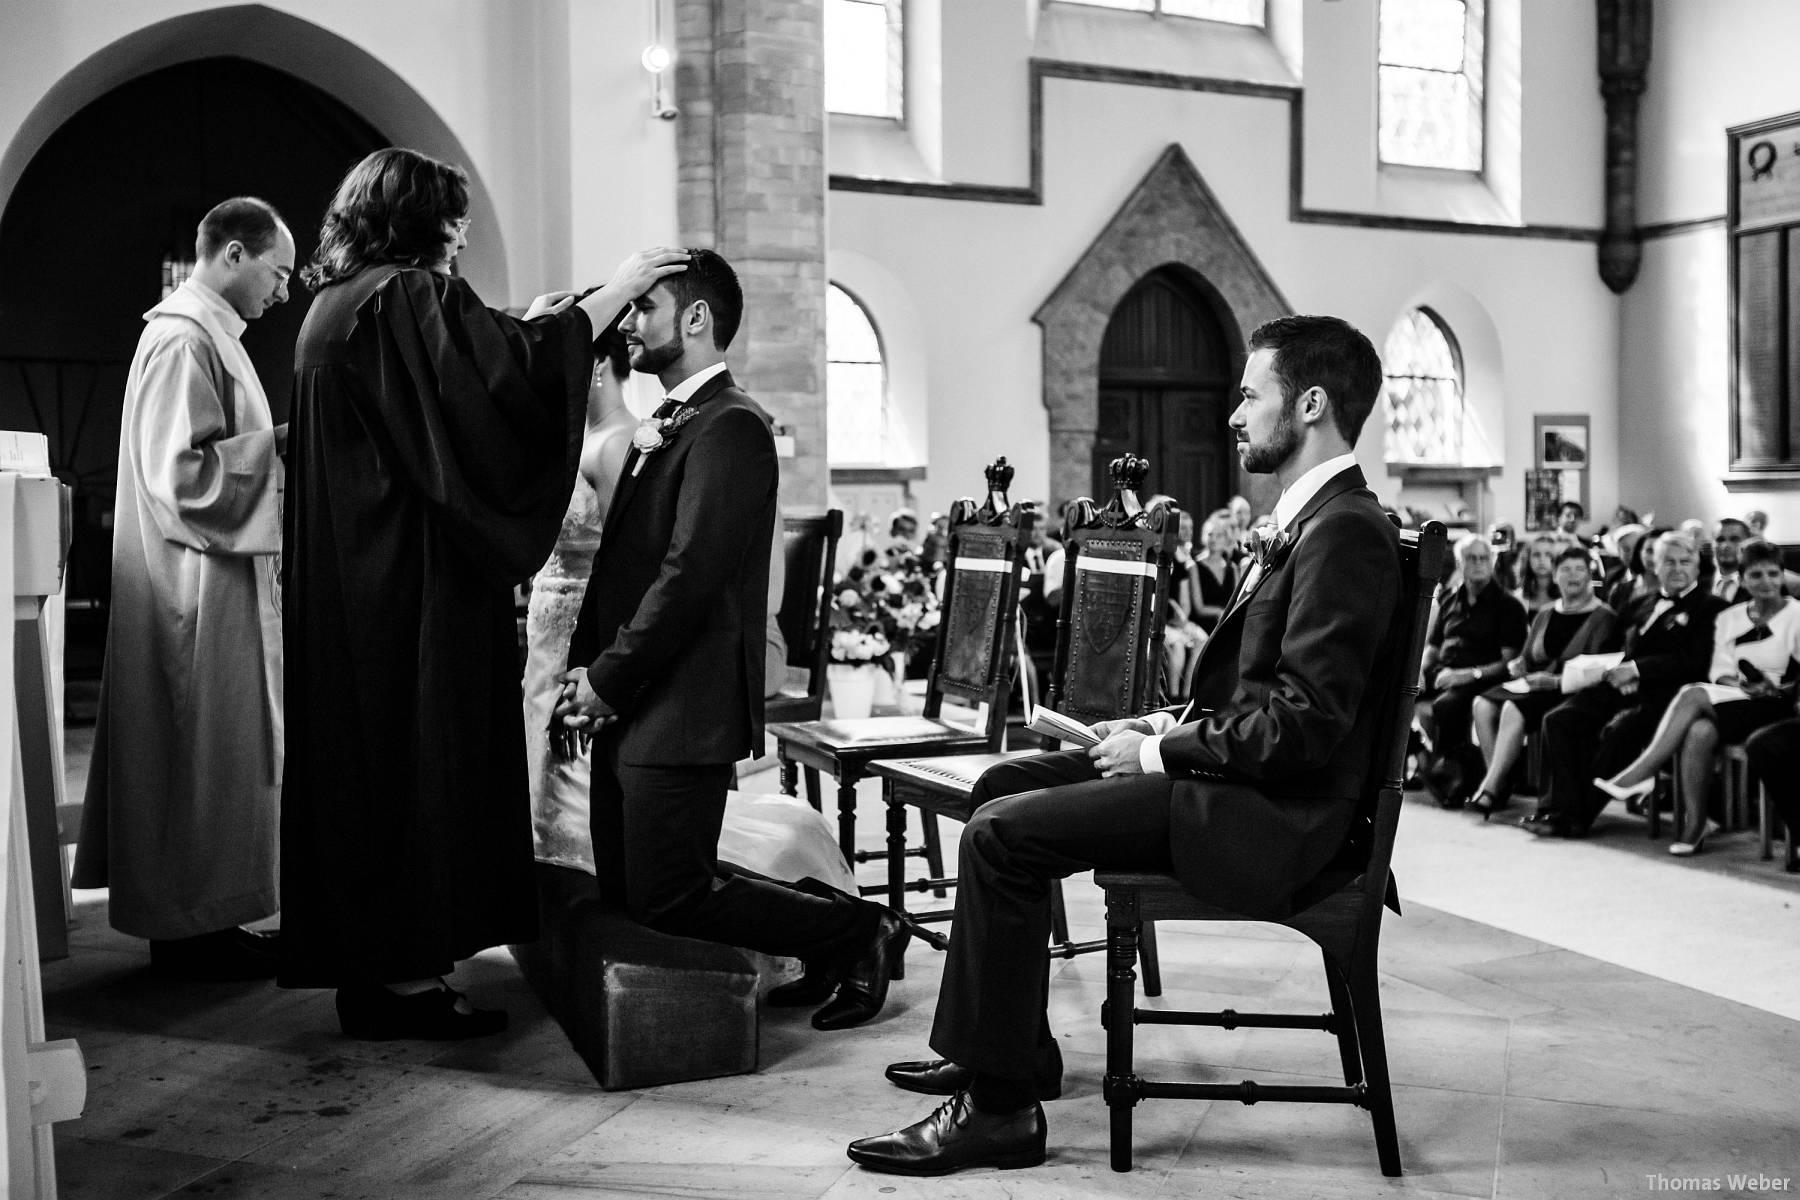 Hochzeitsfotograf Oldenburg: Kirchliche Trauung in der Garnisonkirche Oldenburg und Feier im Landhaus Etzhorn Oldenburg (25)